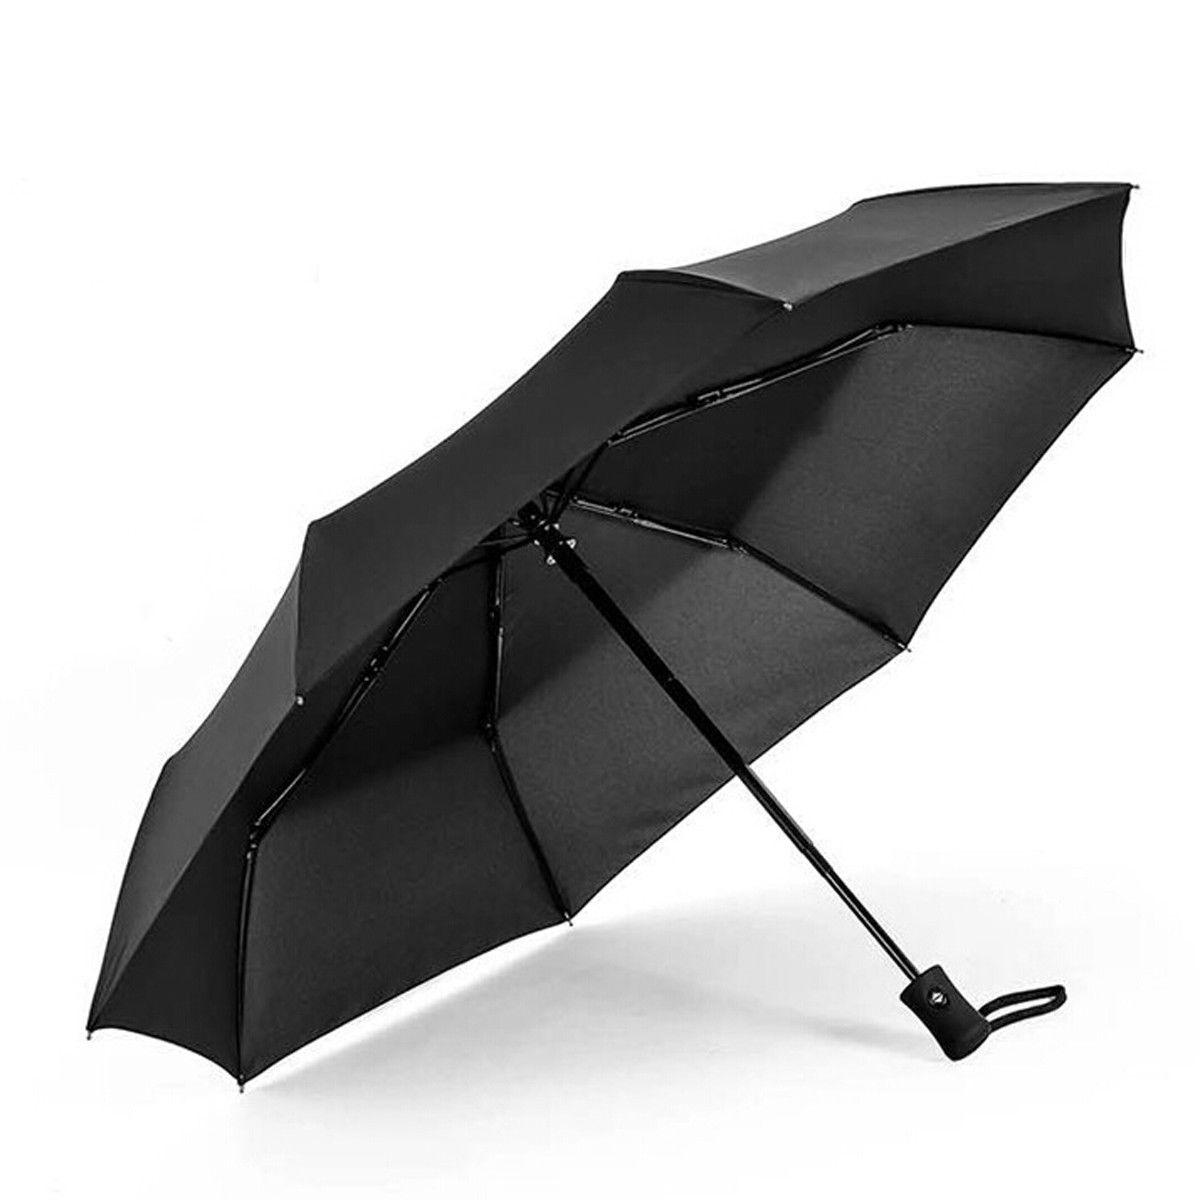 Новое поступление популярный автоматический зонт ветрозащитный мужской черный Компактный широкий автоматический открытый закрытый легкий - Цвет: Черный